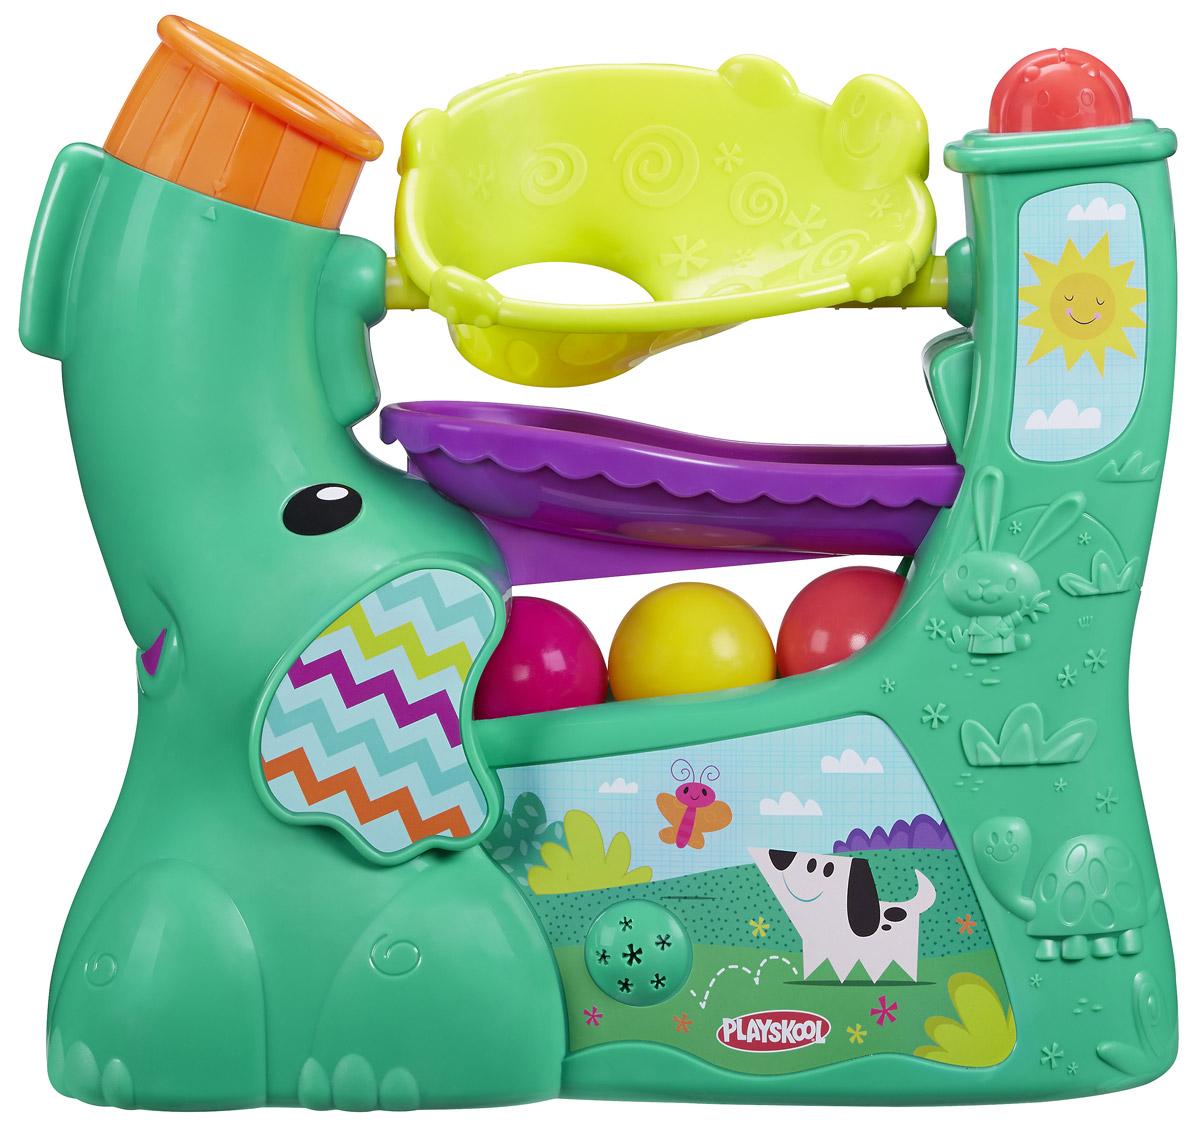 Playskool Развивающая игрушка Веселый слоникB5846EU4Развивающая игрушка Playskool Веселый слоник выполнена в виде симпатичного слоника с длинным хоботом. Слоник изготовлен из прочного безопасного пластика с фактурными рисунками. Ваш малыш будет с интересом наблюдать за тем, как яркие разноцветные шарики перекатываются по желобкам игрушки. Шарики вылетают из хобота под набором воздуха и задорно скатываются - это так весело! Вы можете менять направление хобота, тем самым меняя режим игры - шарики будут вылетать в том направлении, в котором вы установите хобот. Шарики можно складывать внутрь игрушки. Игрушка дополнена звуковыми эффектами, может проигрывать 6 разных мелодий. Развивающая игрушка Playskool Веселый слоник поможет ребенку развить интеллектуальные способности, а также цветовое и звуковое восприятие, мелкую моторику рук и координацию движений. Для работы требуются 4 батареек типа D (R20) (не входят в комплект).